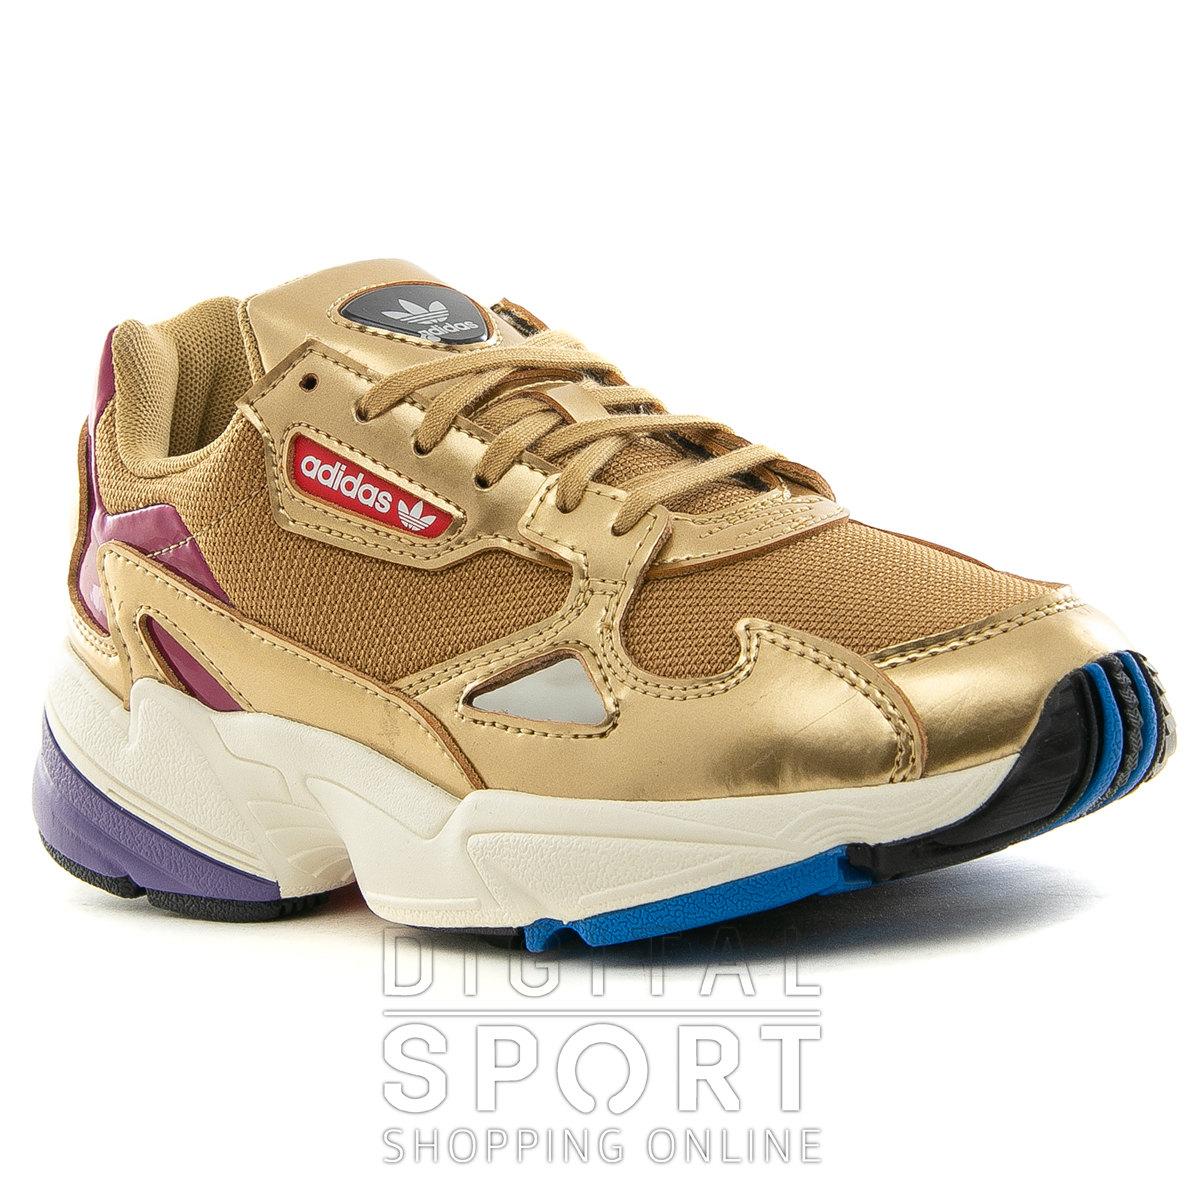 Compra > zapatillas adidas mujer doradas- OFF 78 ...